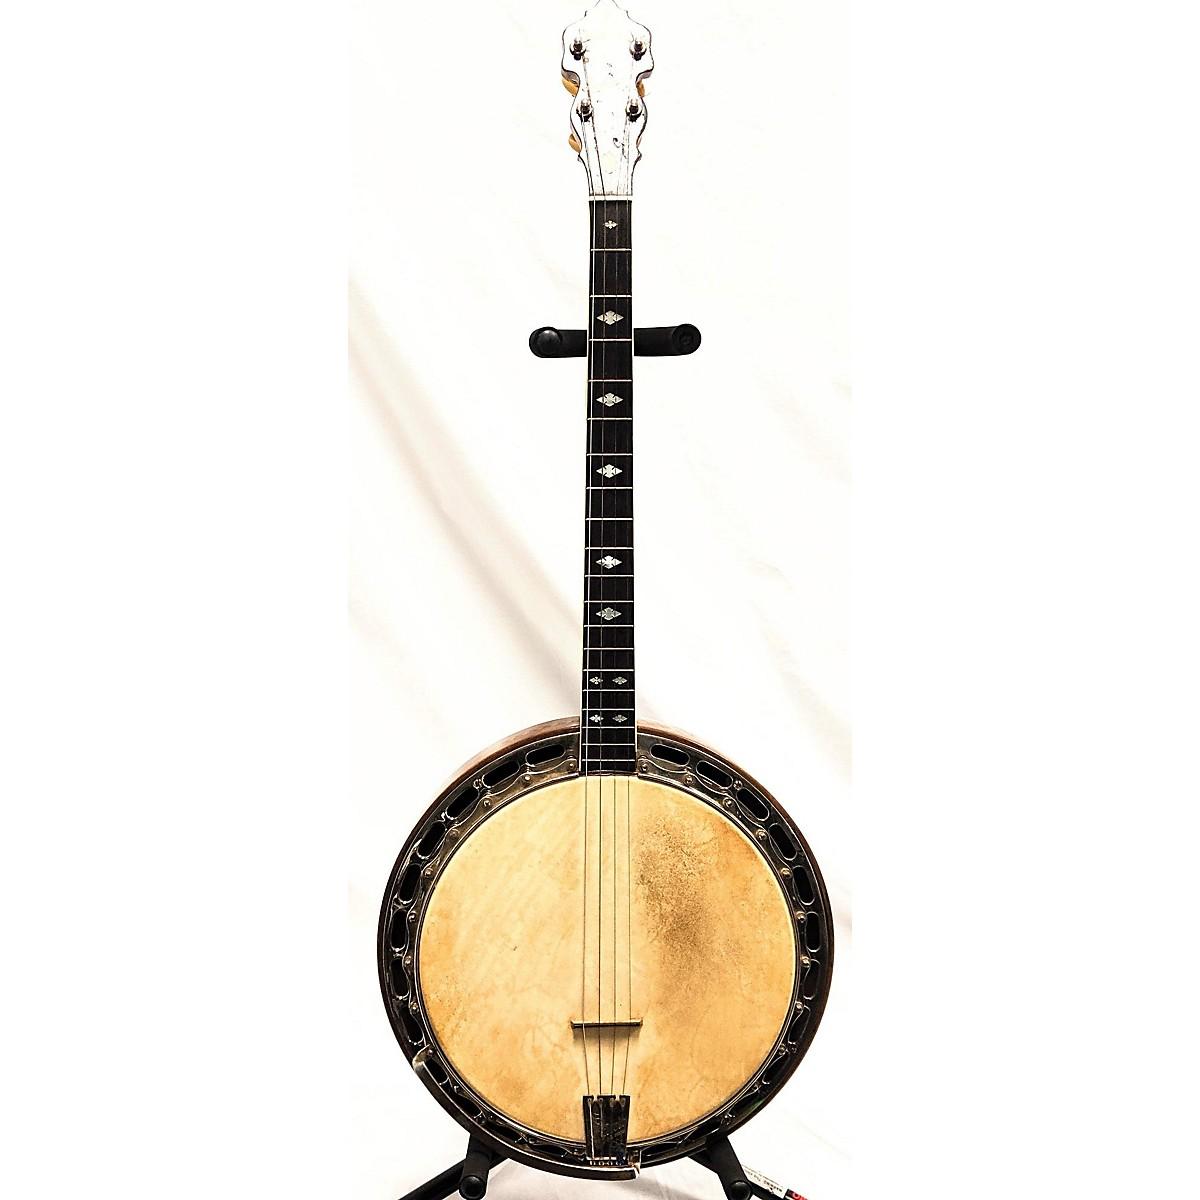 Ludwig 1920s 1920's Kingston Tenor Banjo Banjo